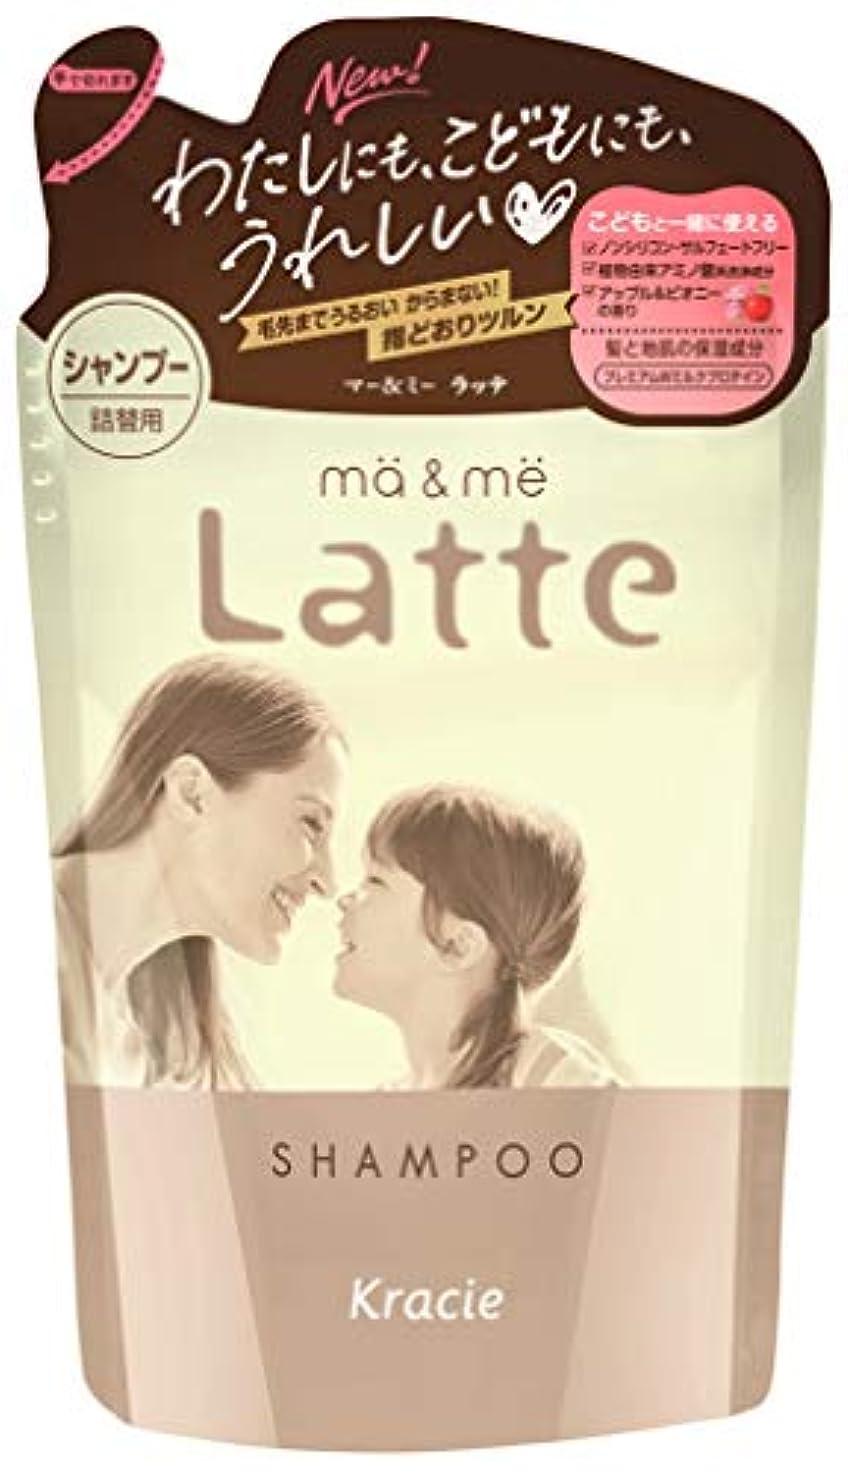 クラフト何十人も香港マー&ミーLatte シャンプー詰替360mL プレミアムWミルクプロテイン配合(アップル&ピオニーの香り)